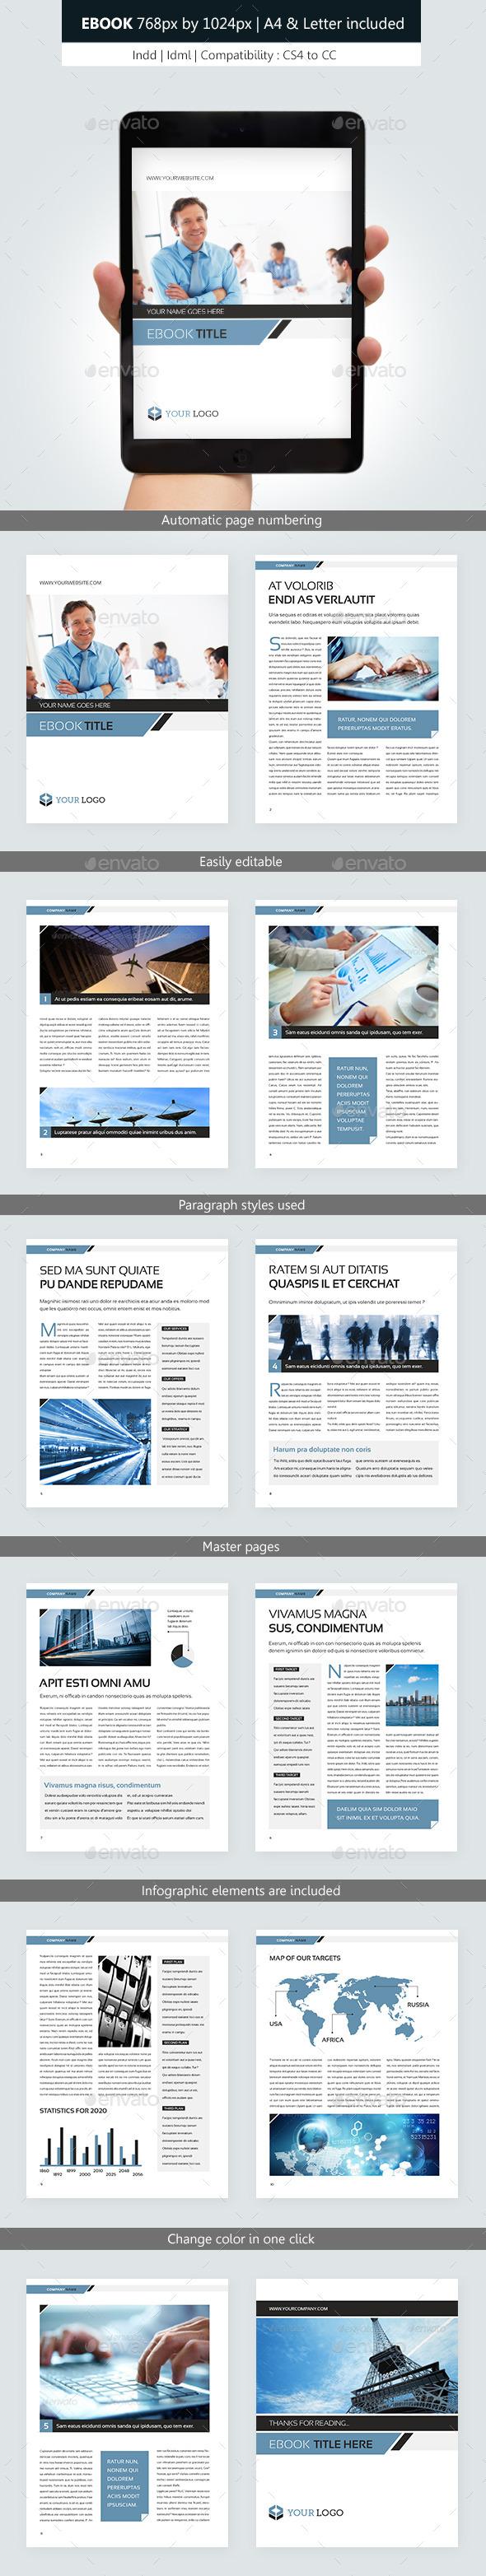 Corporate ebook template design by franceschi rene